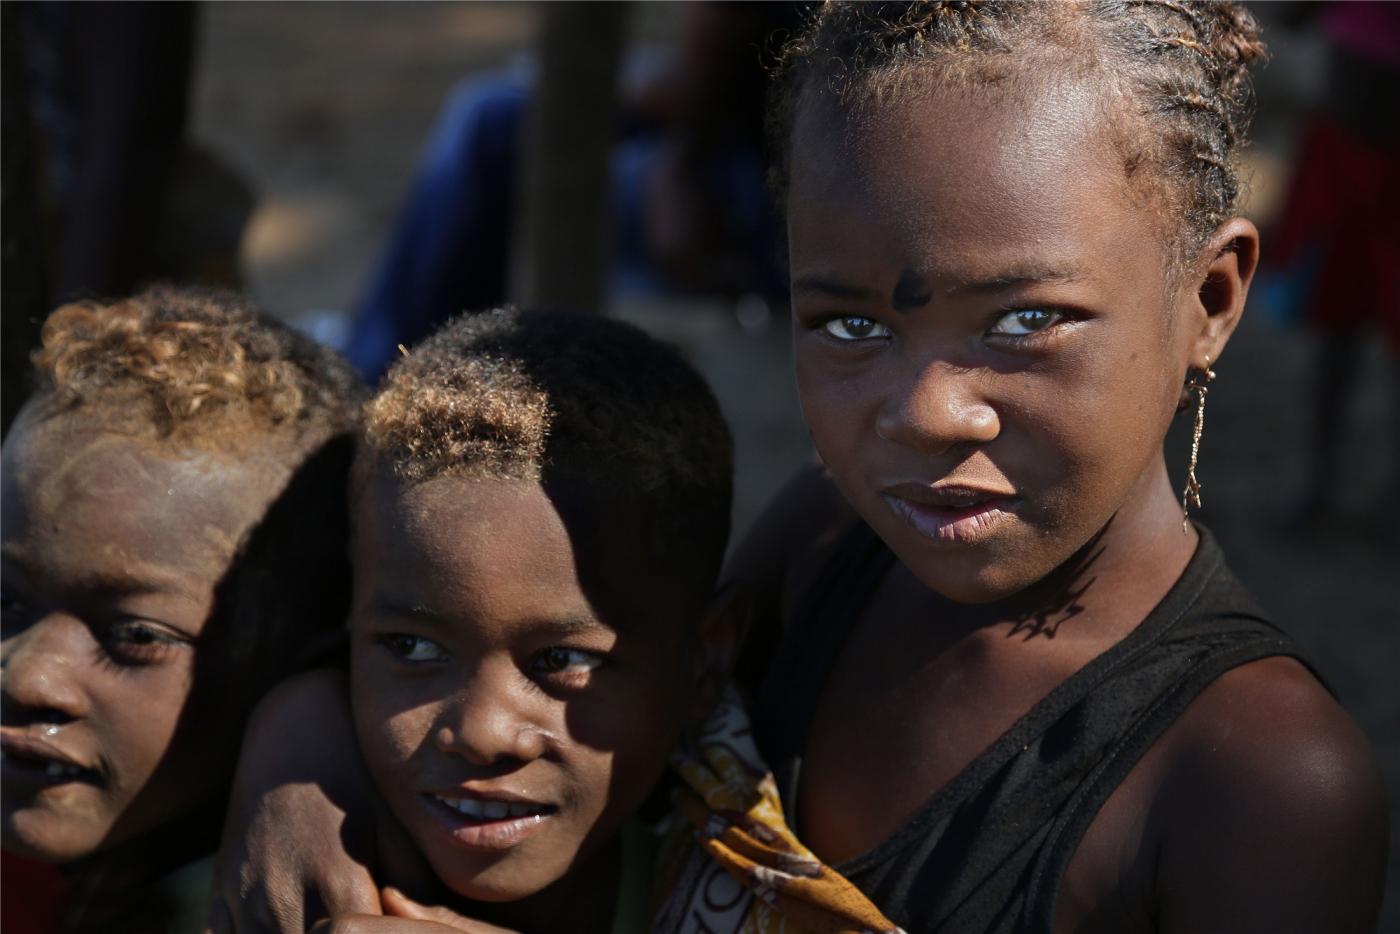 【原创实拍】黑色脸谱  ——行摄南部非洲(人像篇)_图1-35